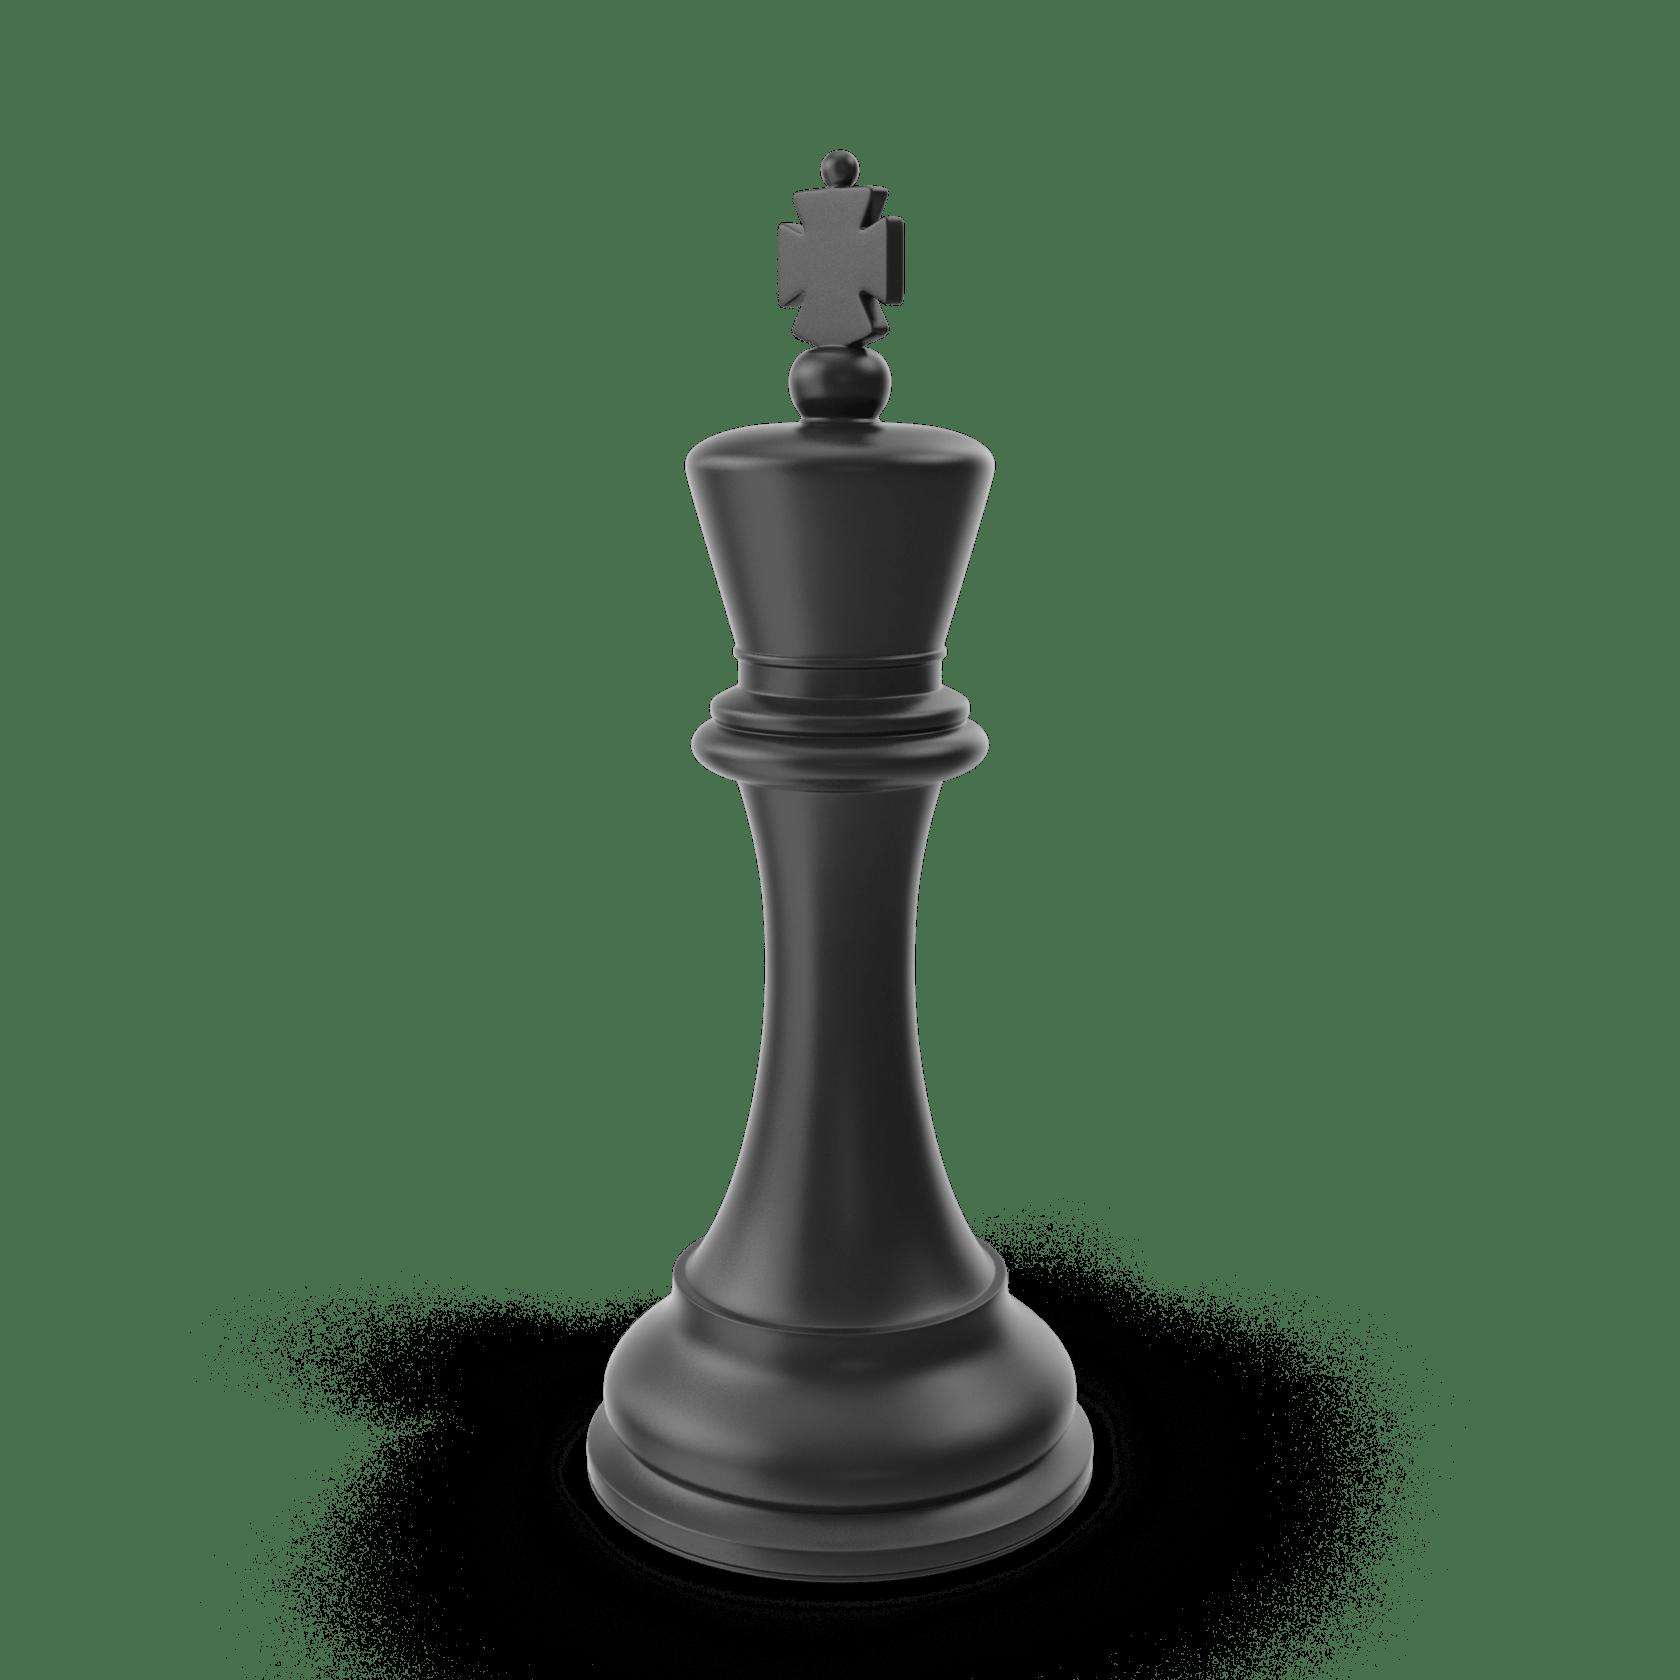 Картинка шахматный король на прозрачном фоне